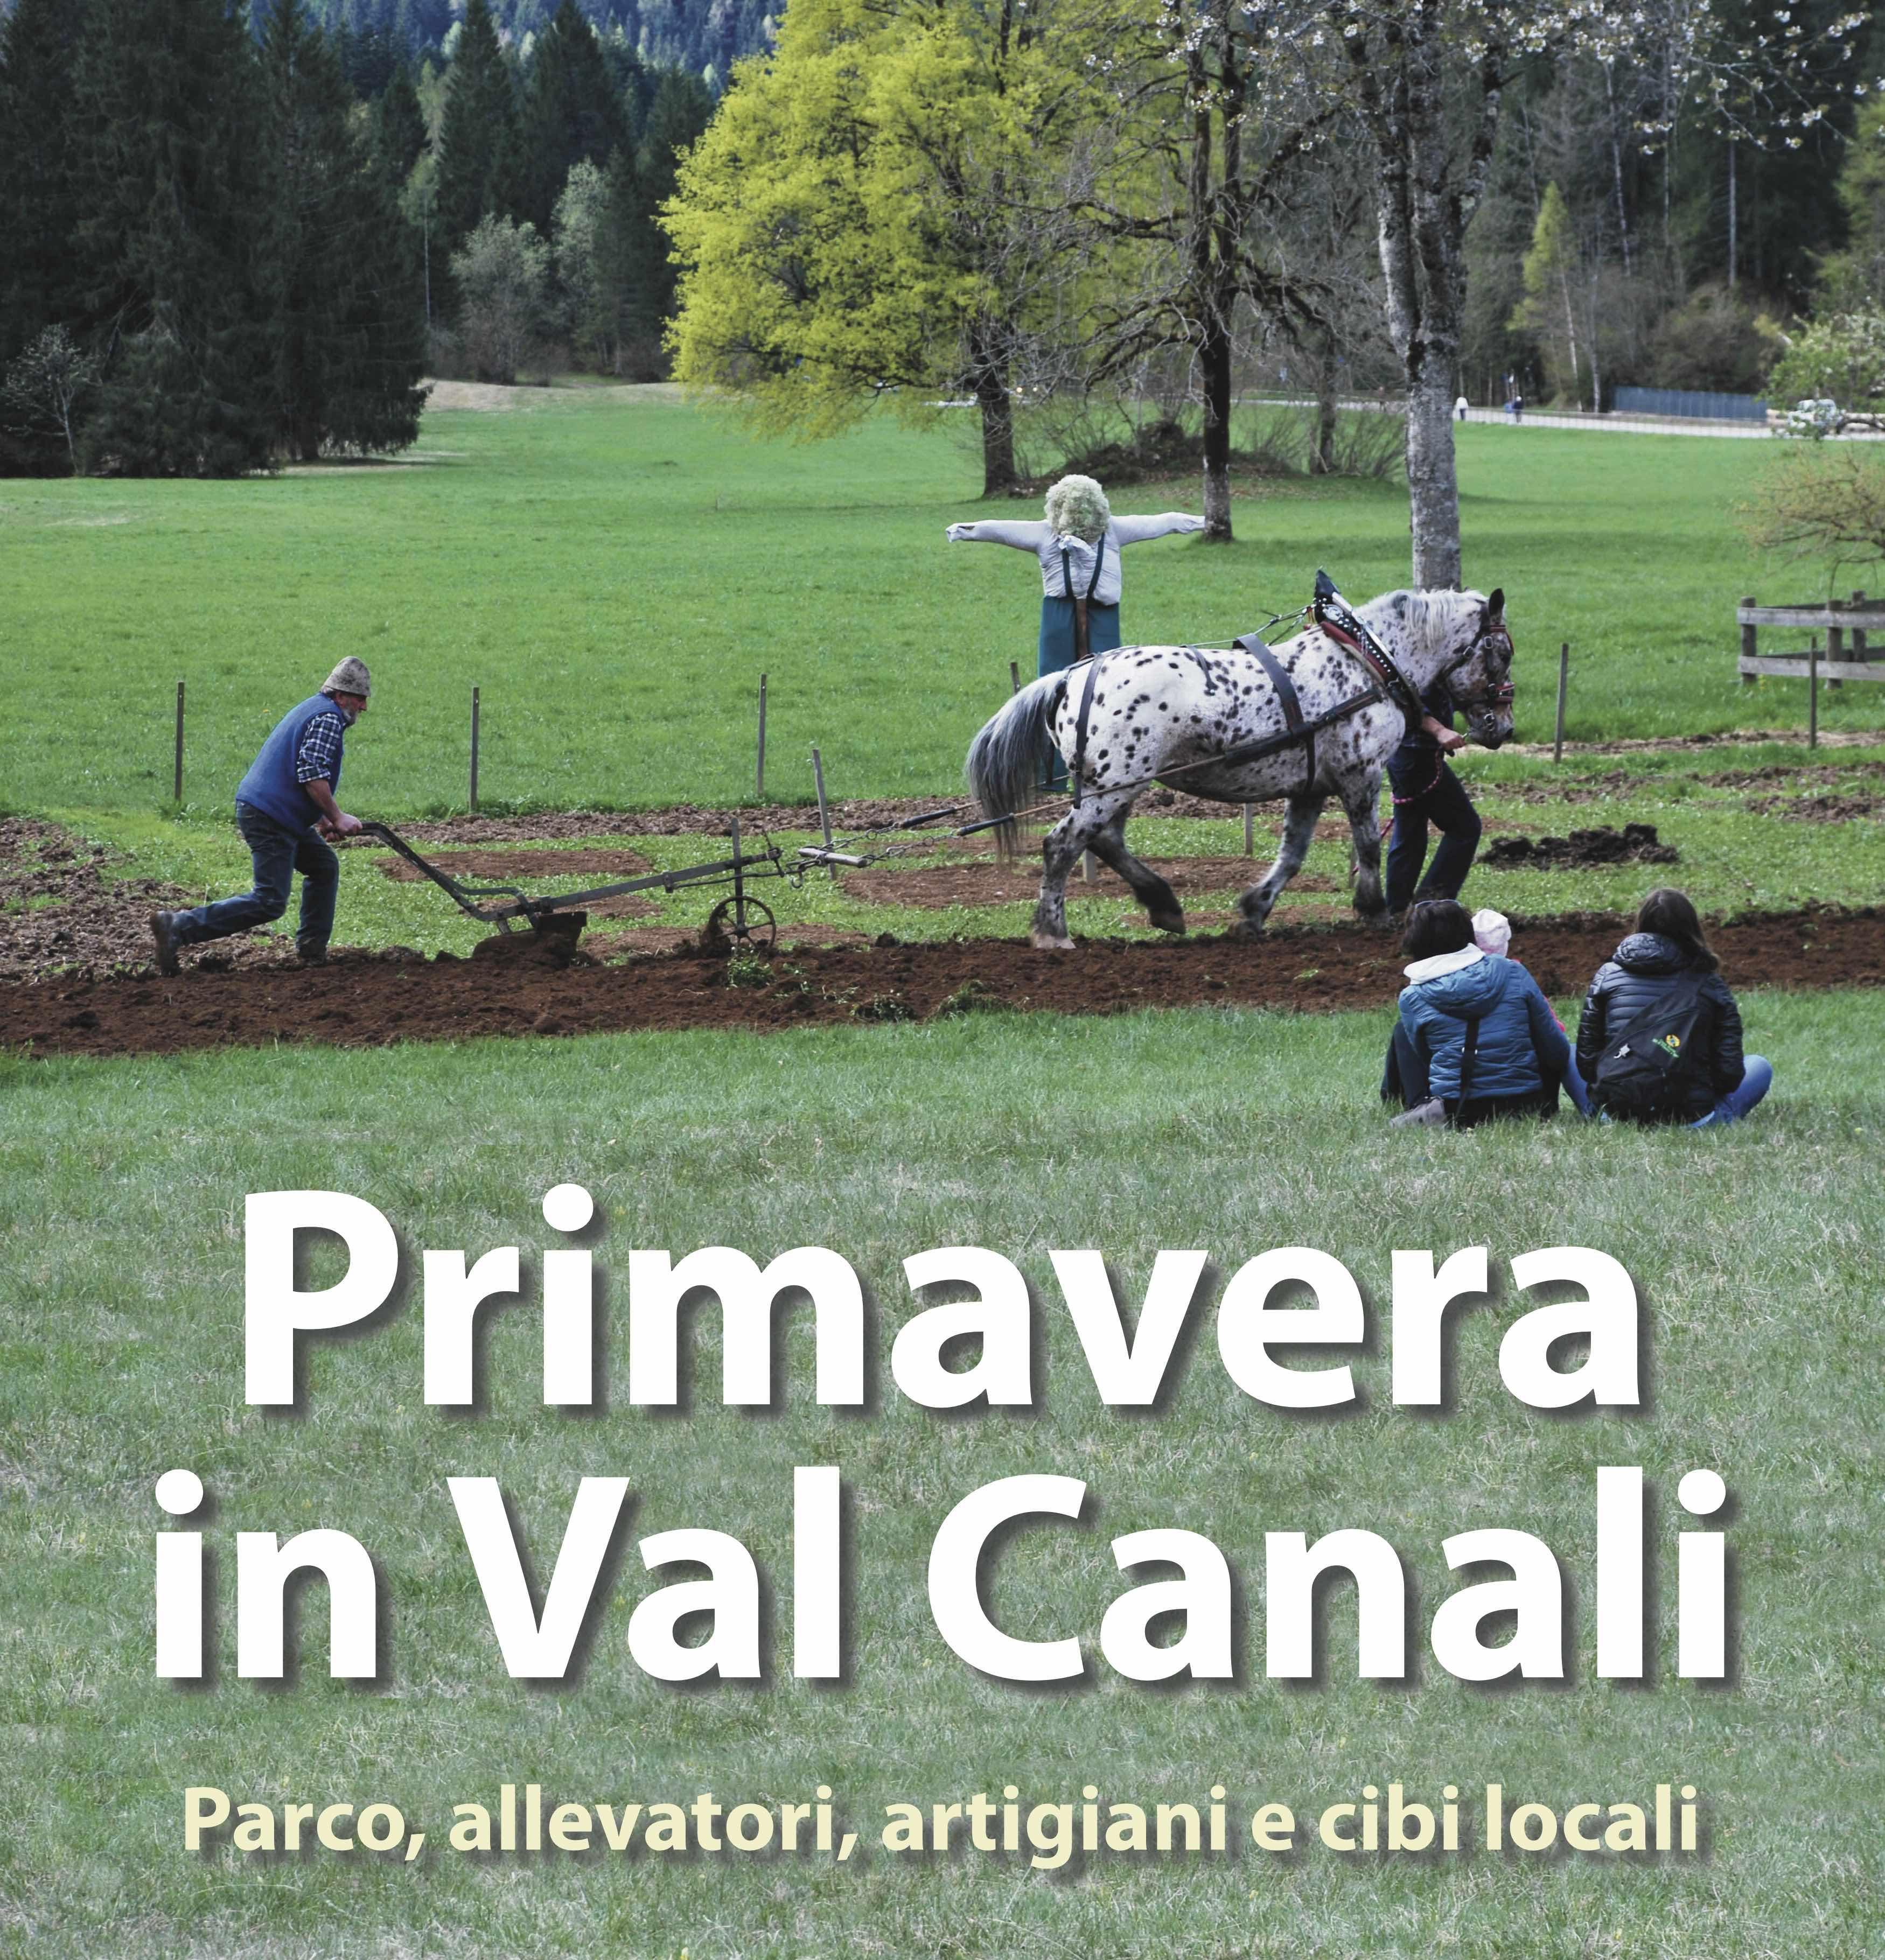 Festa di primavera in Val Canali – 24 e 25 aprile 2017